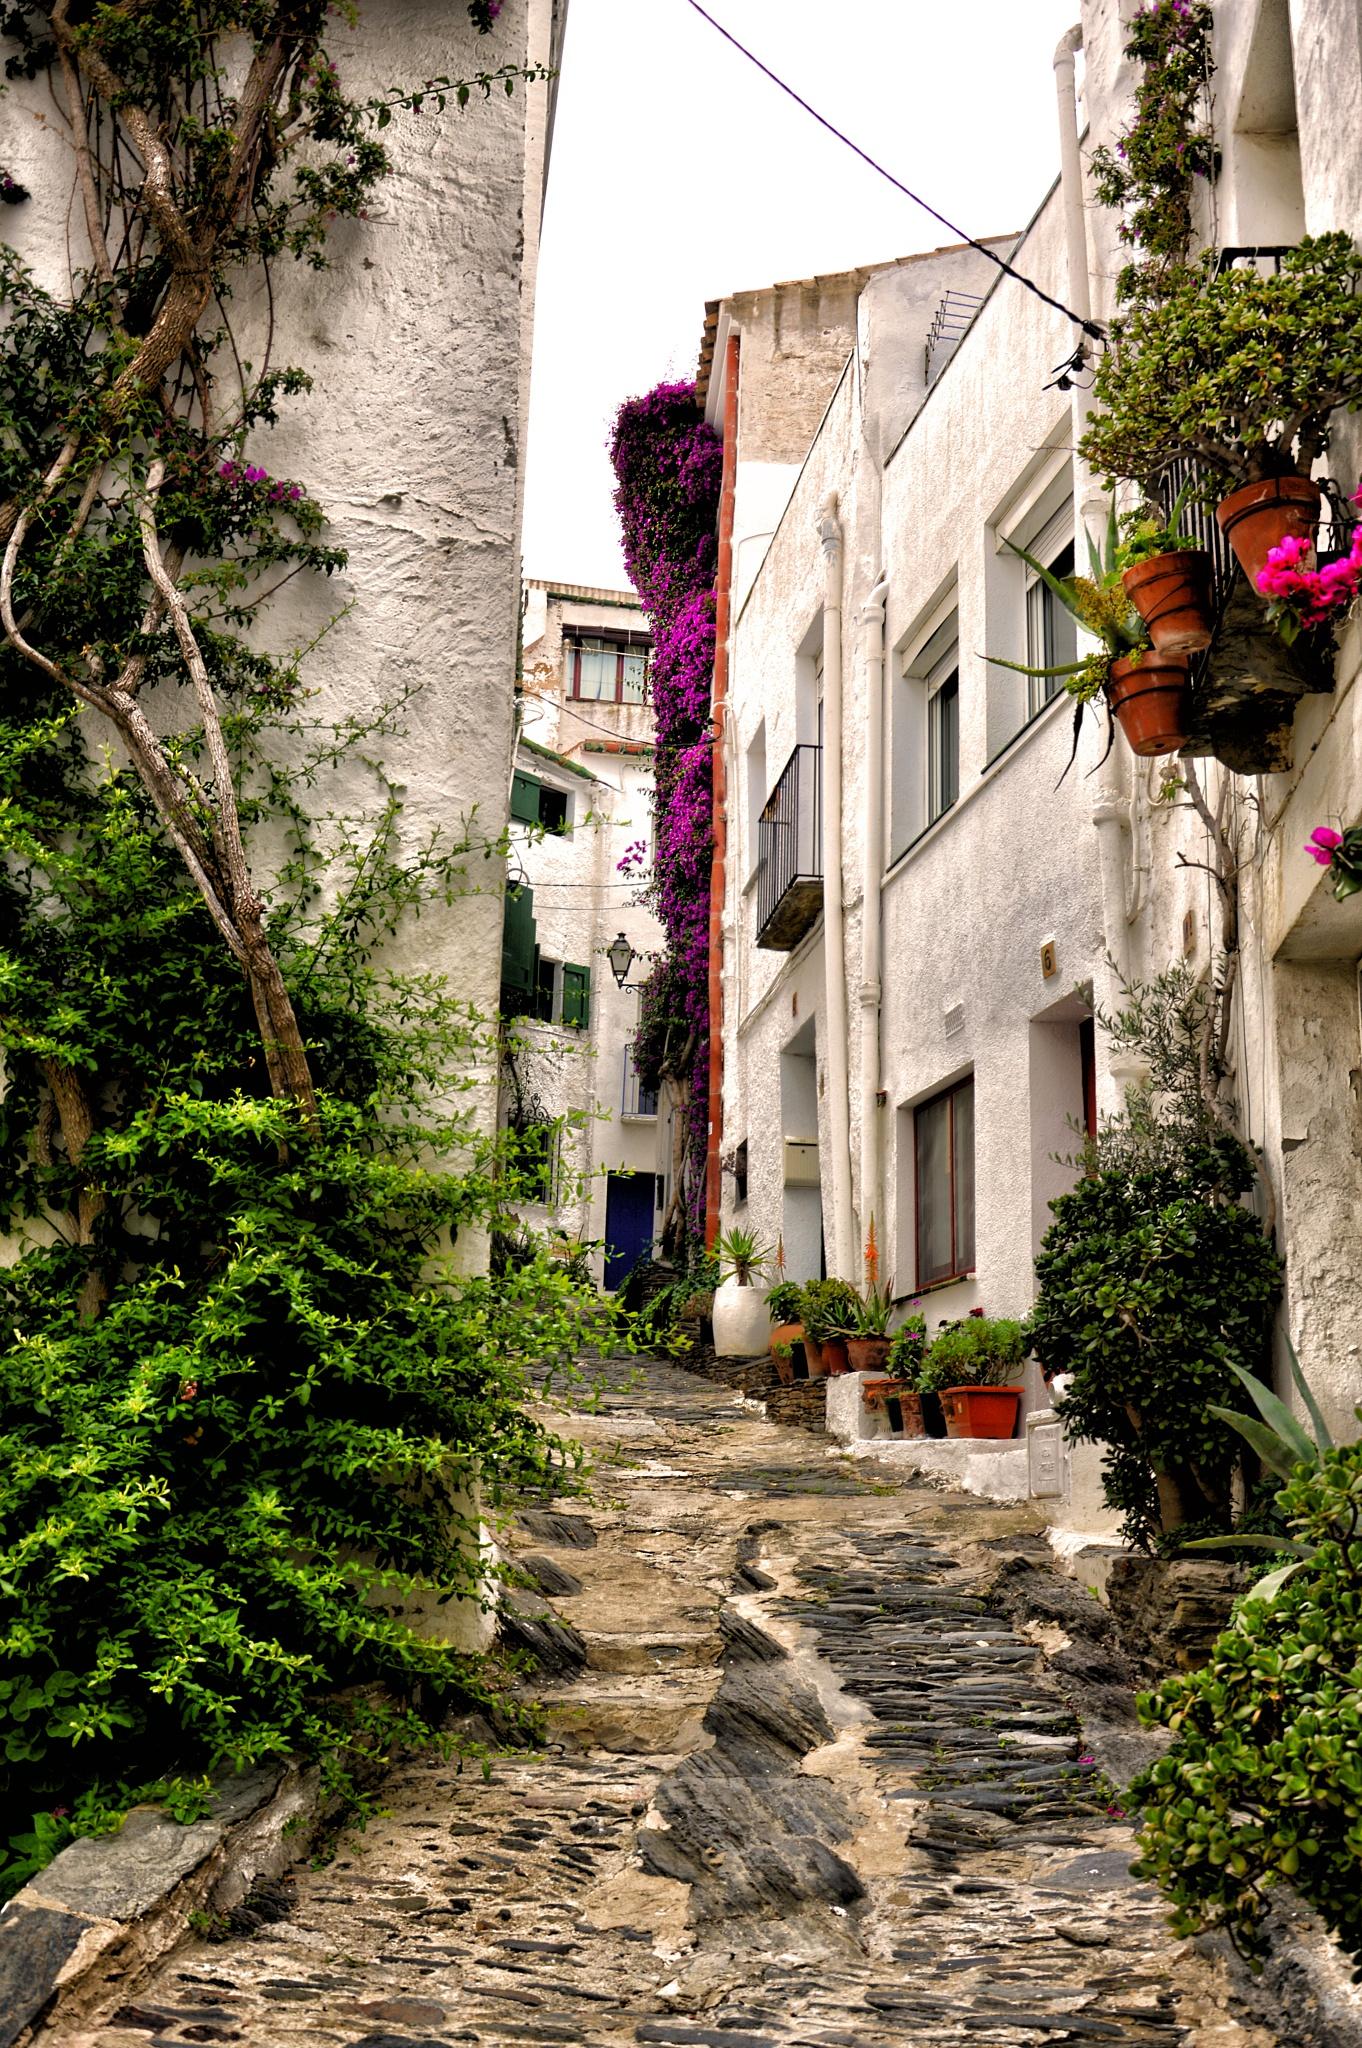 La calle de las flores by Juan Carlos Arranz